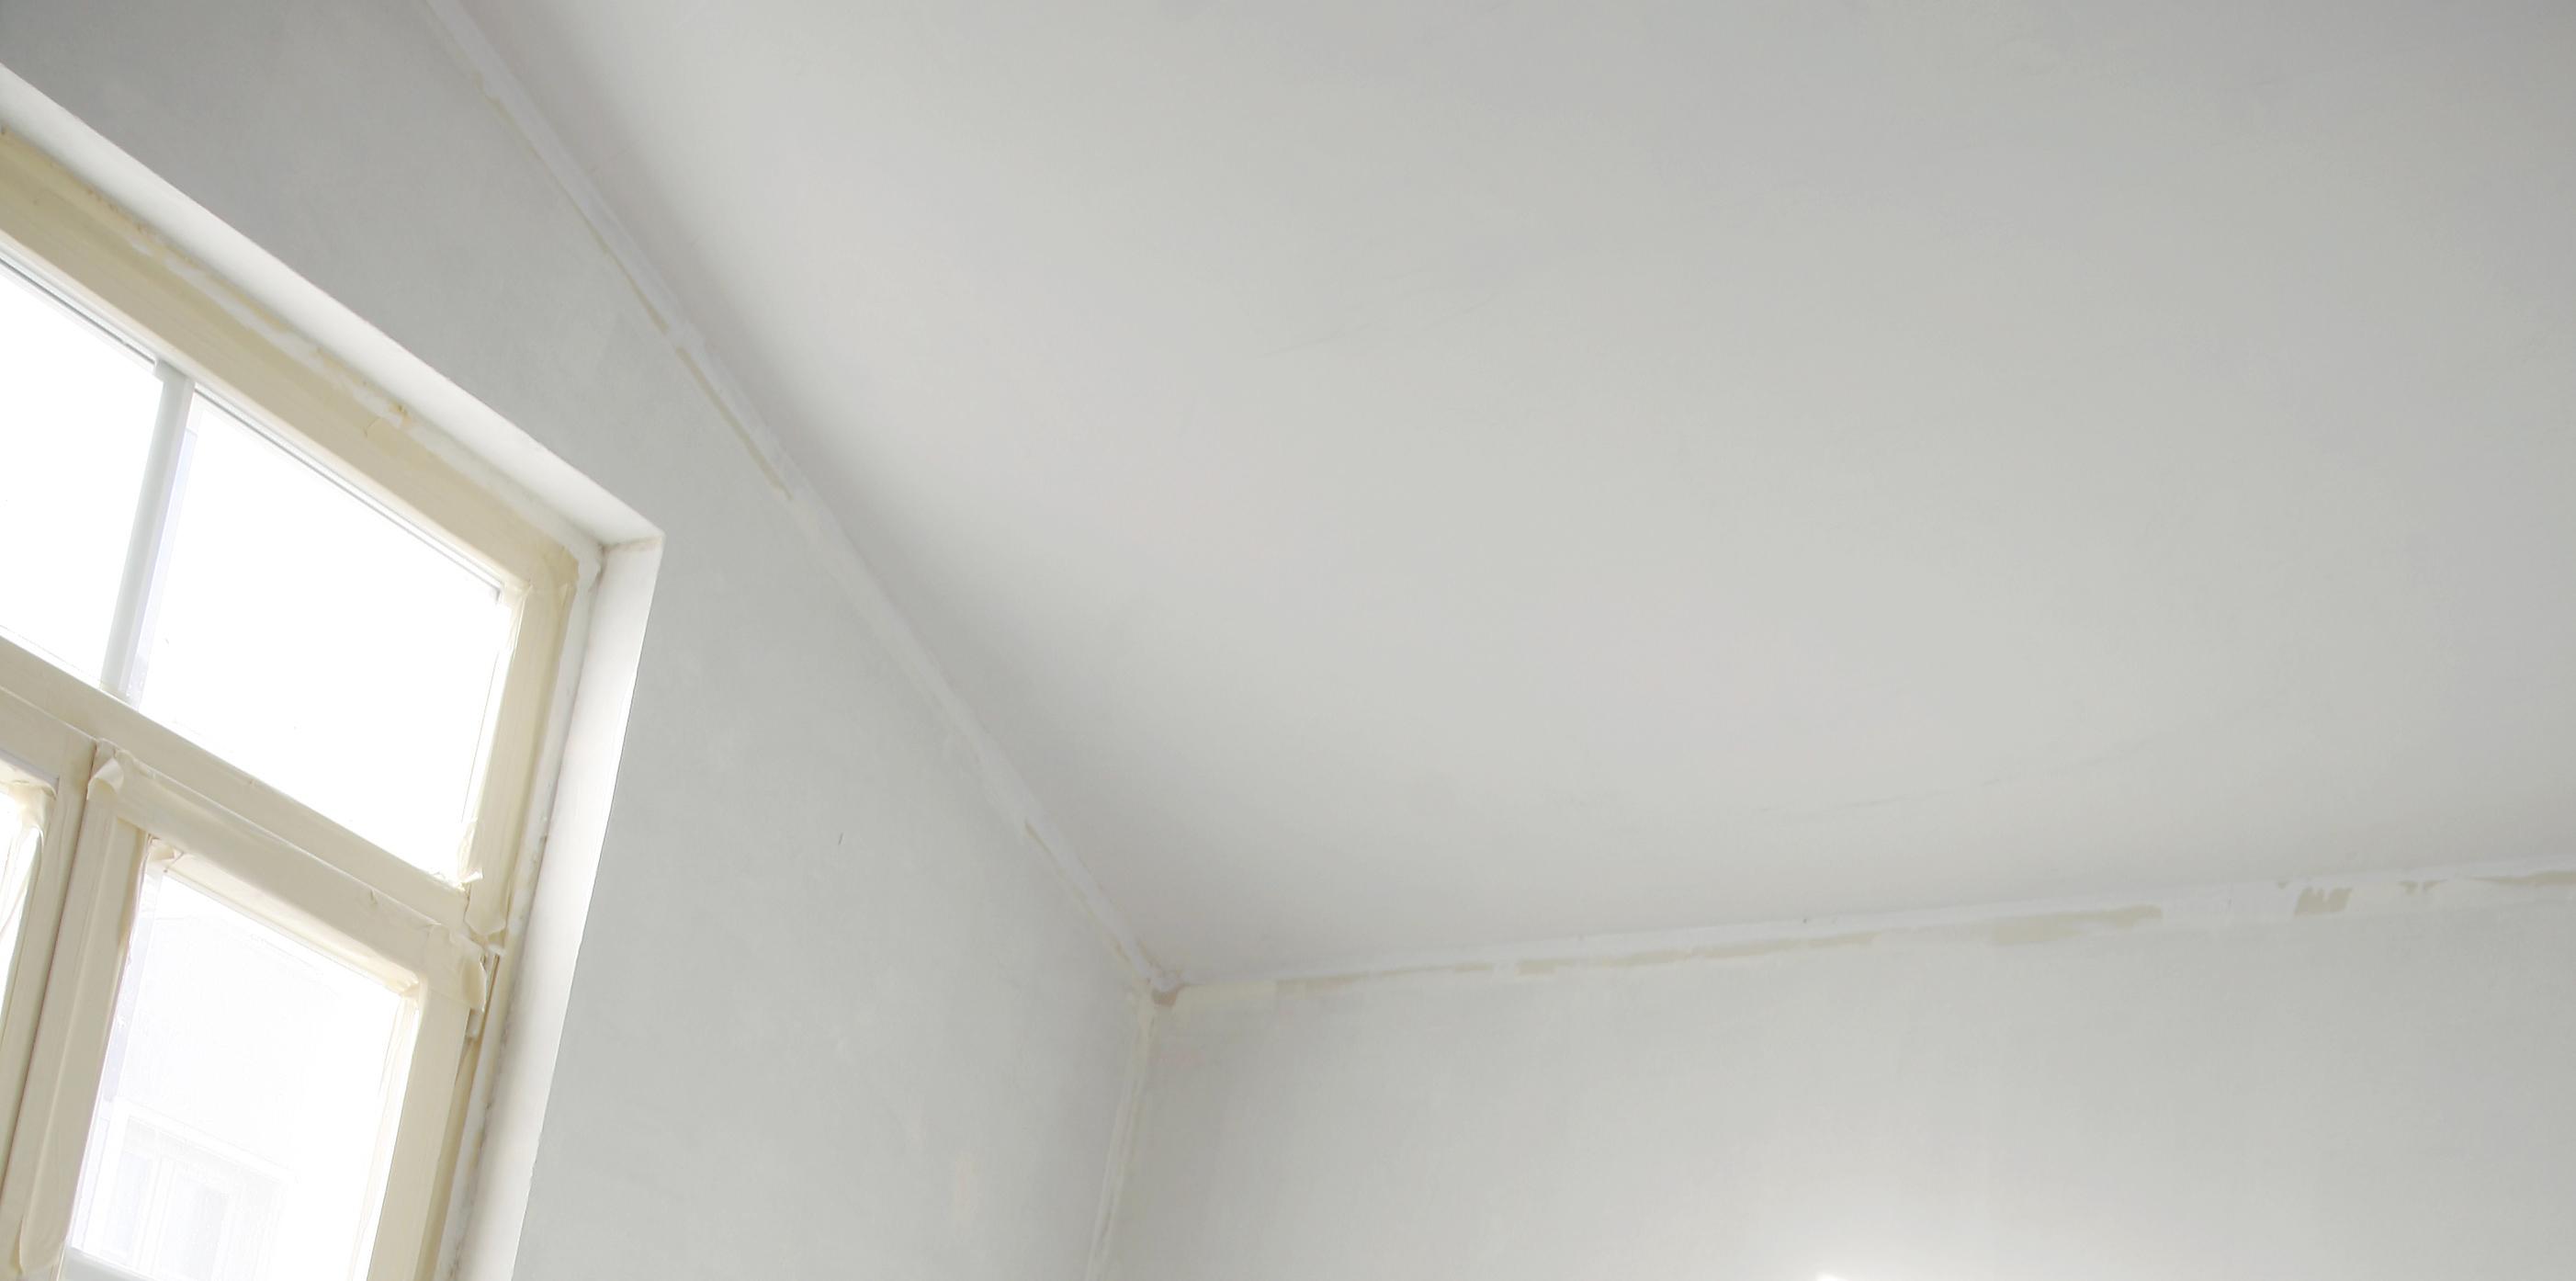 Escoger los colores adecuados para pintar una habitaci n - Como pintar techos ...